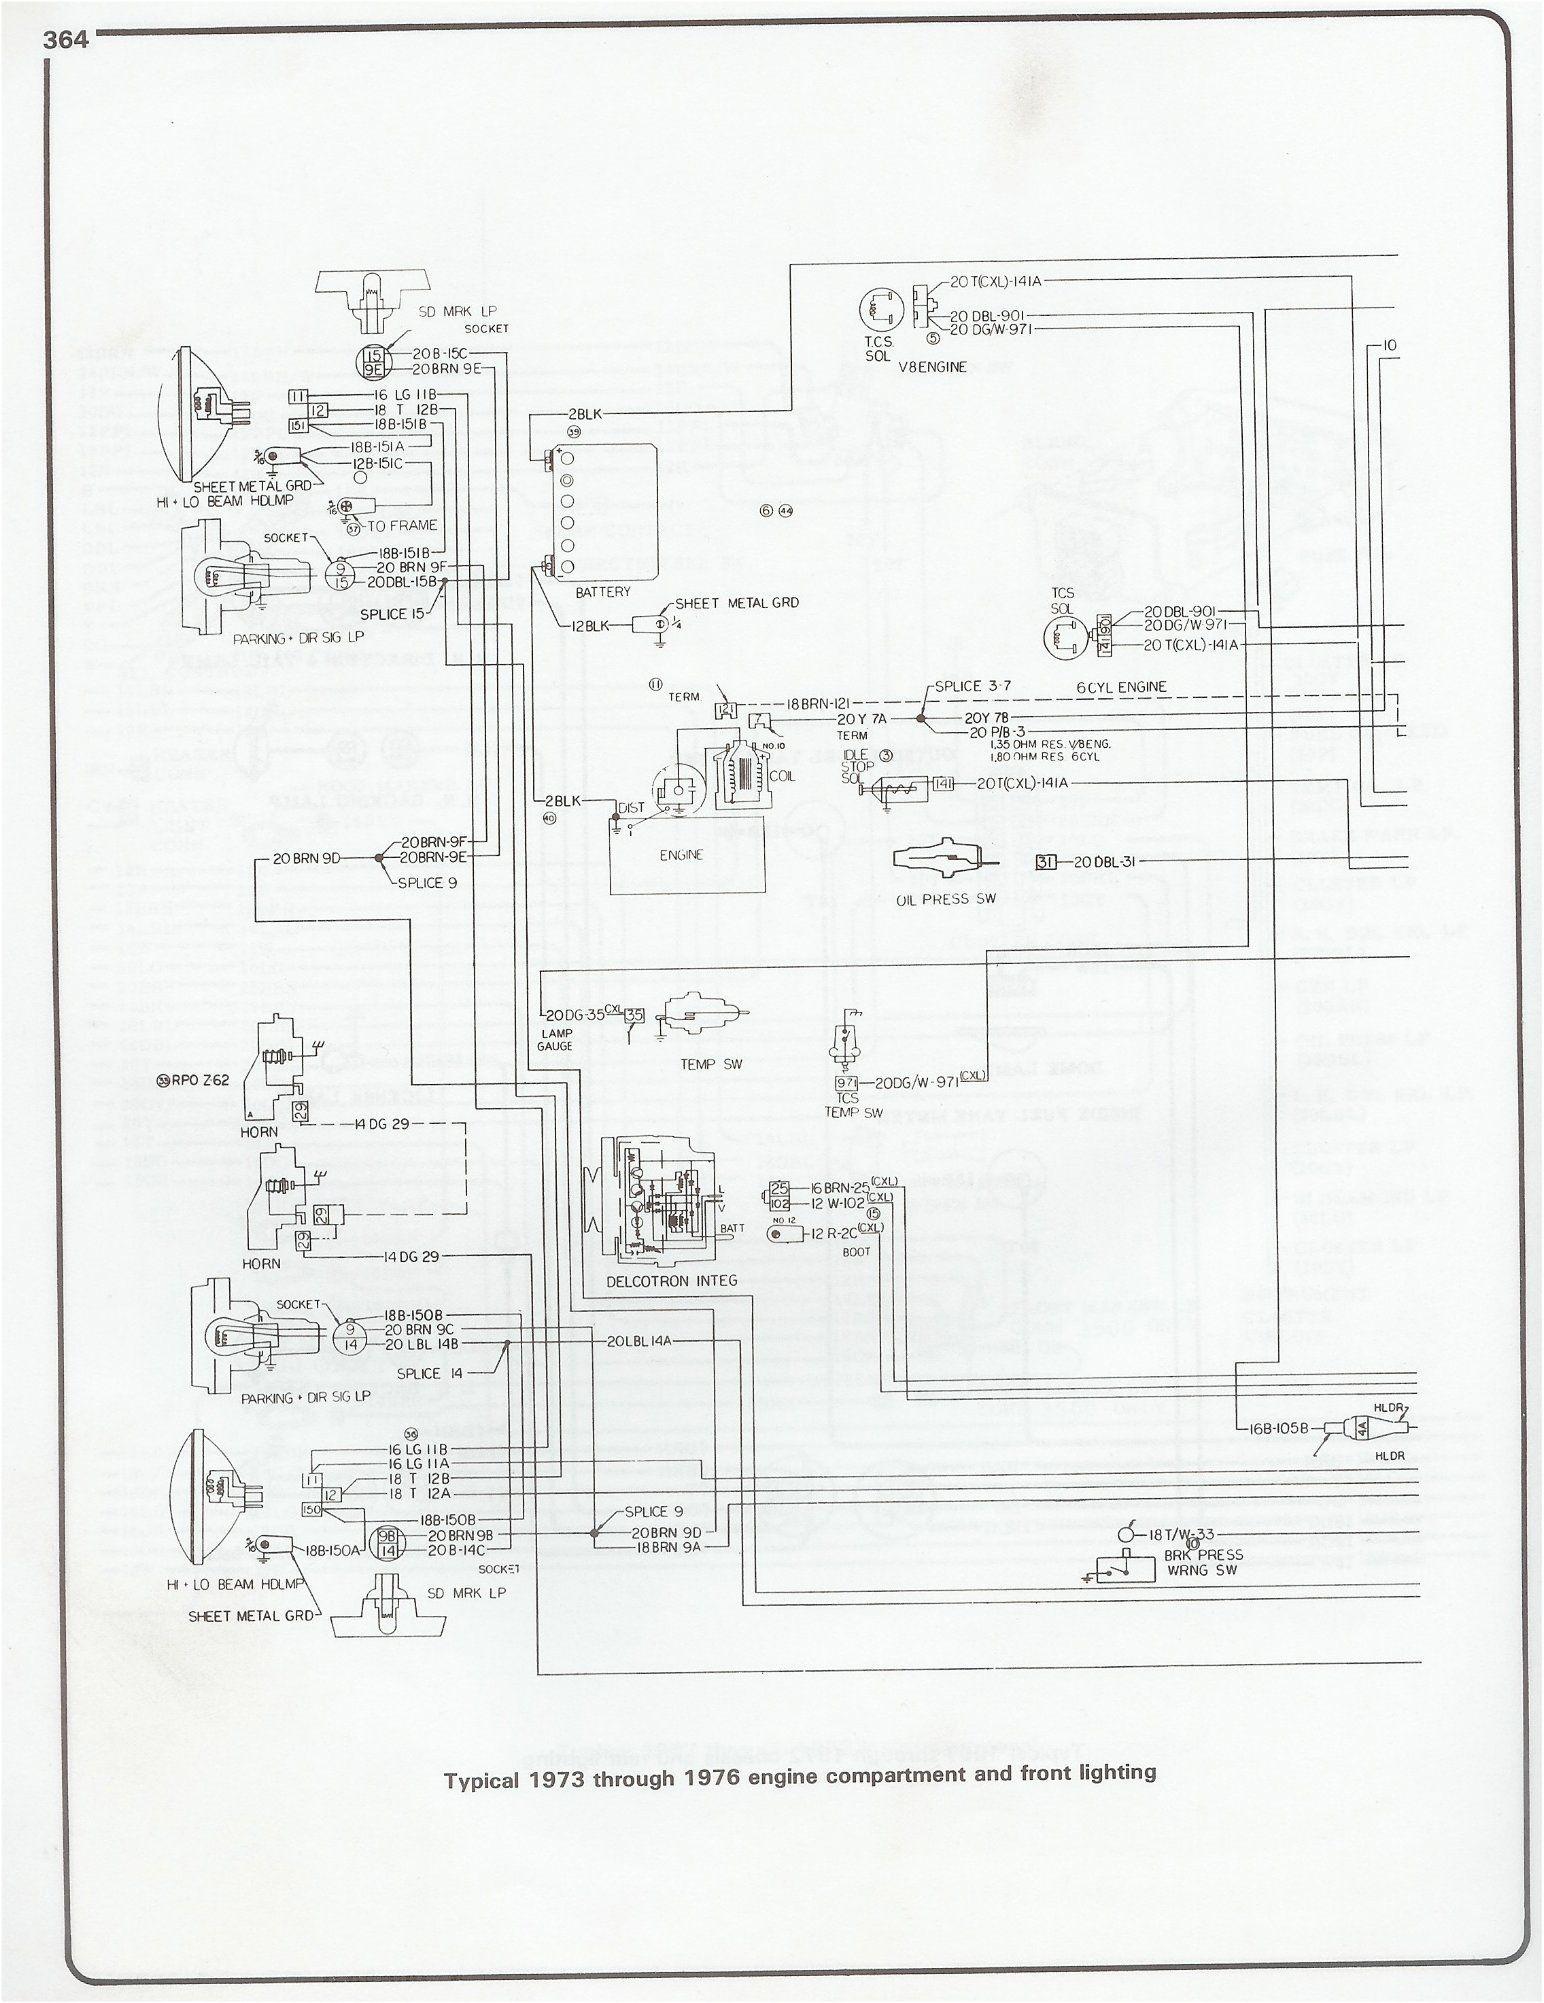 55 Chevy Wiper Switch Diagram Wiring Schematic